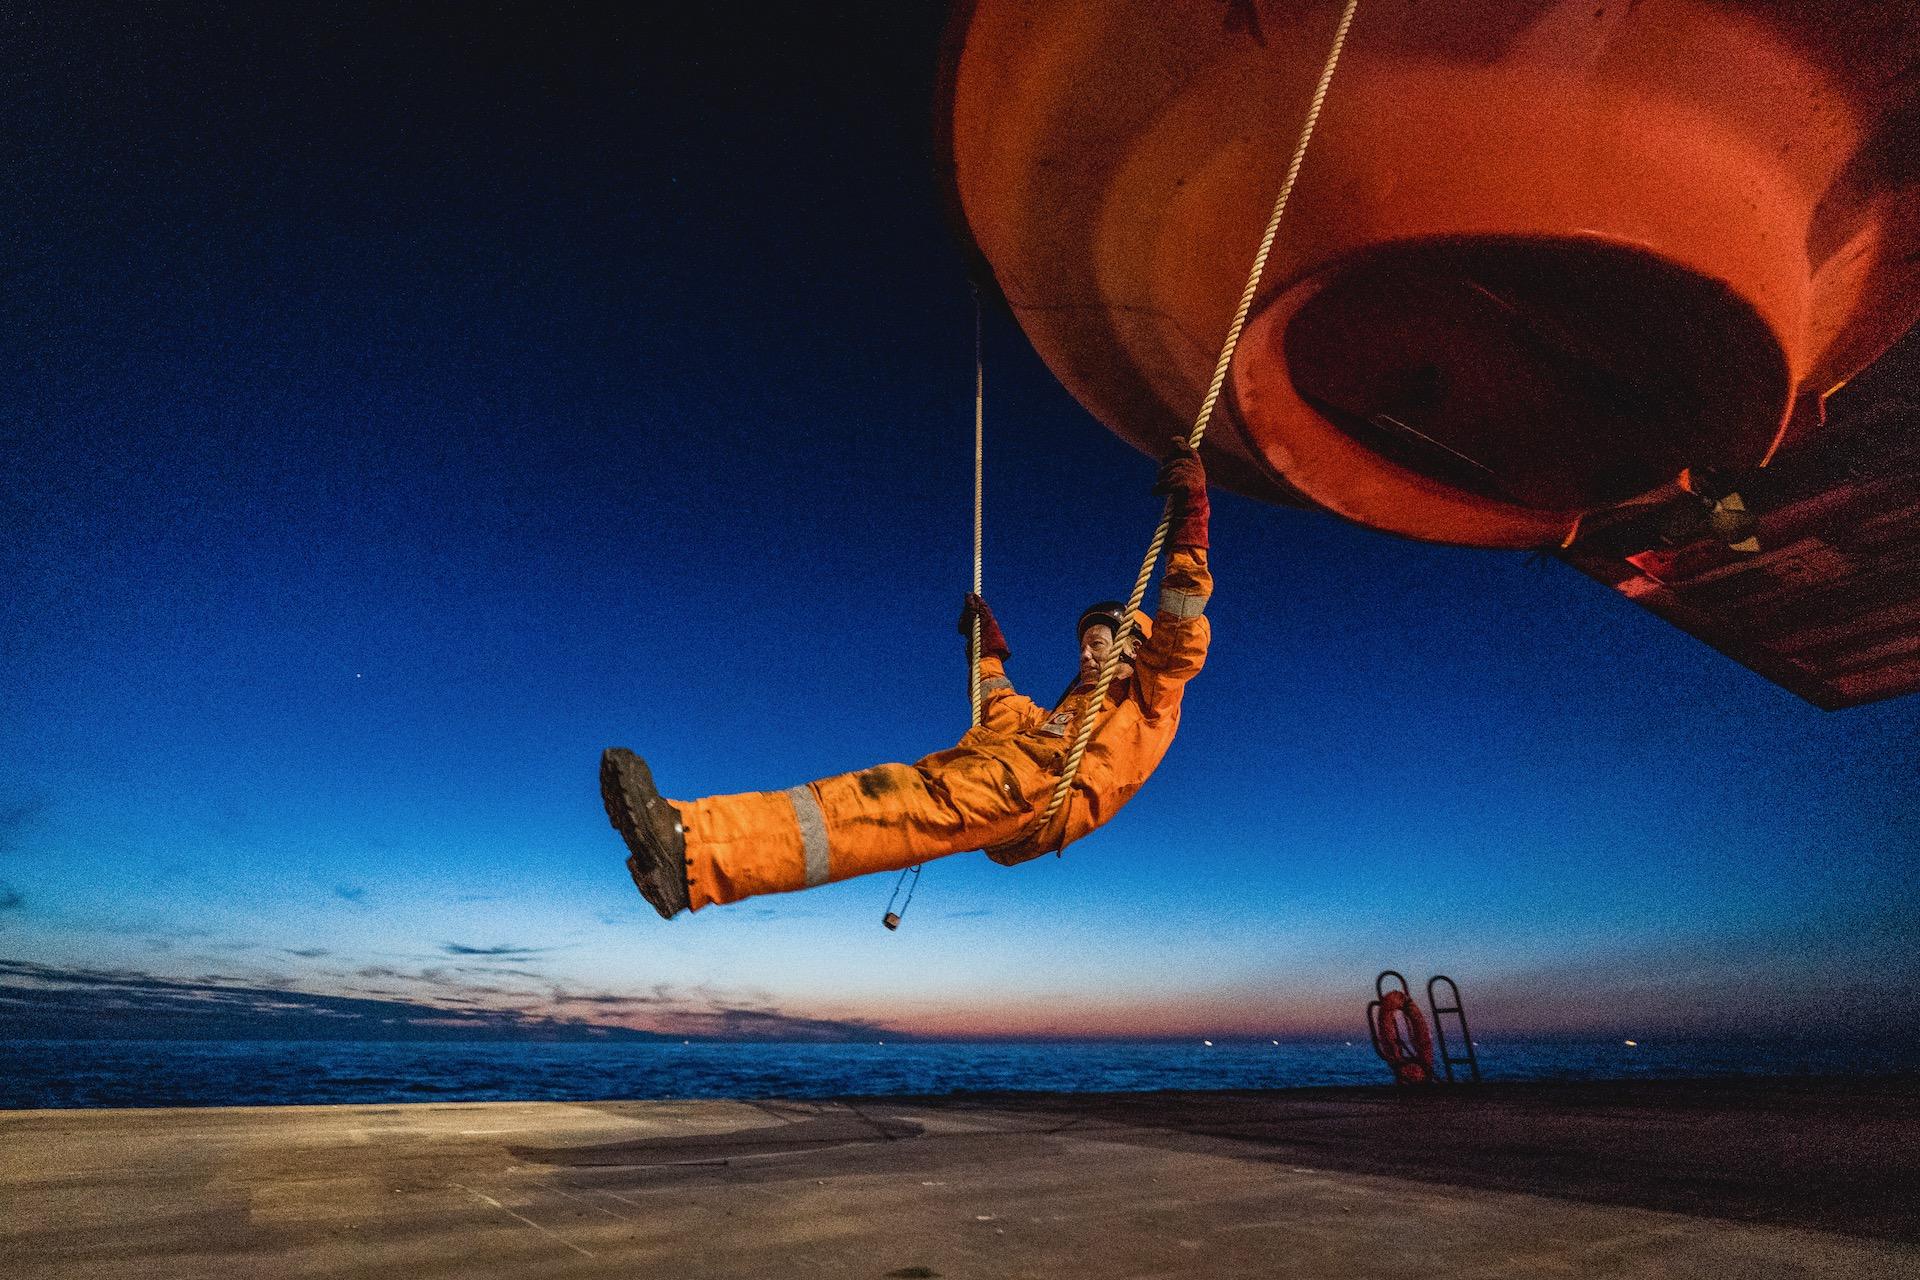 Nederland, Noordzee, 03-08-2019.  Reportage over Kraanschip Thialf. Een man schommelt aan de lifeboat van het boorplatform.  Foto: Siese Veenstra